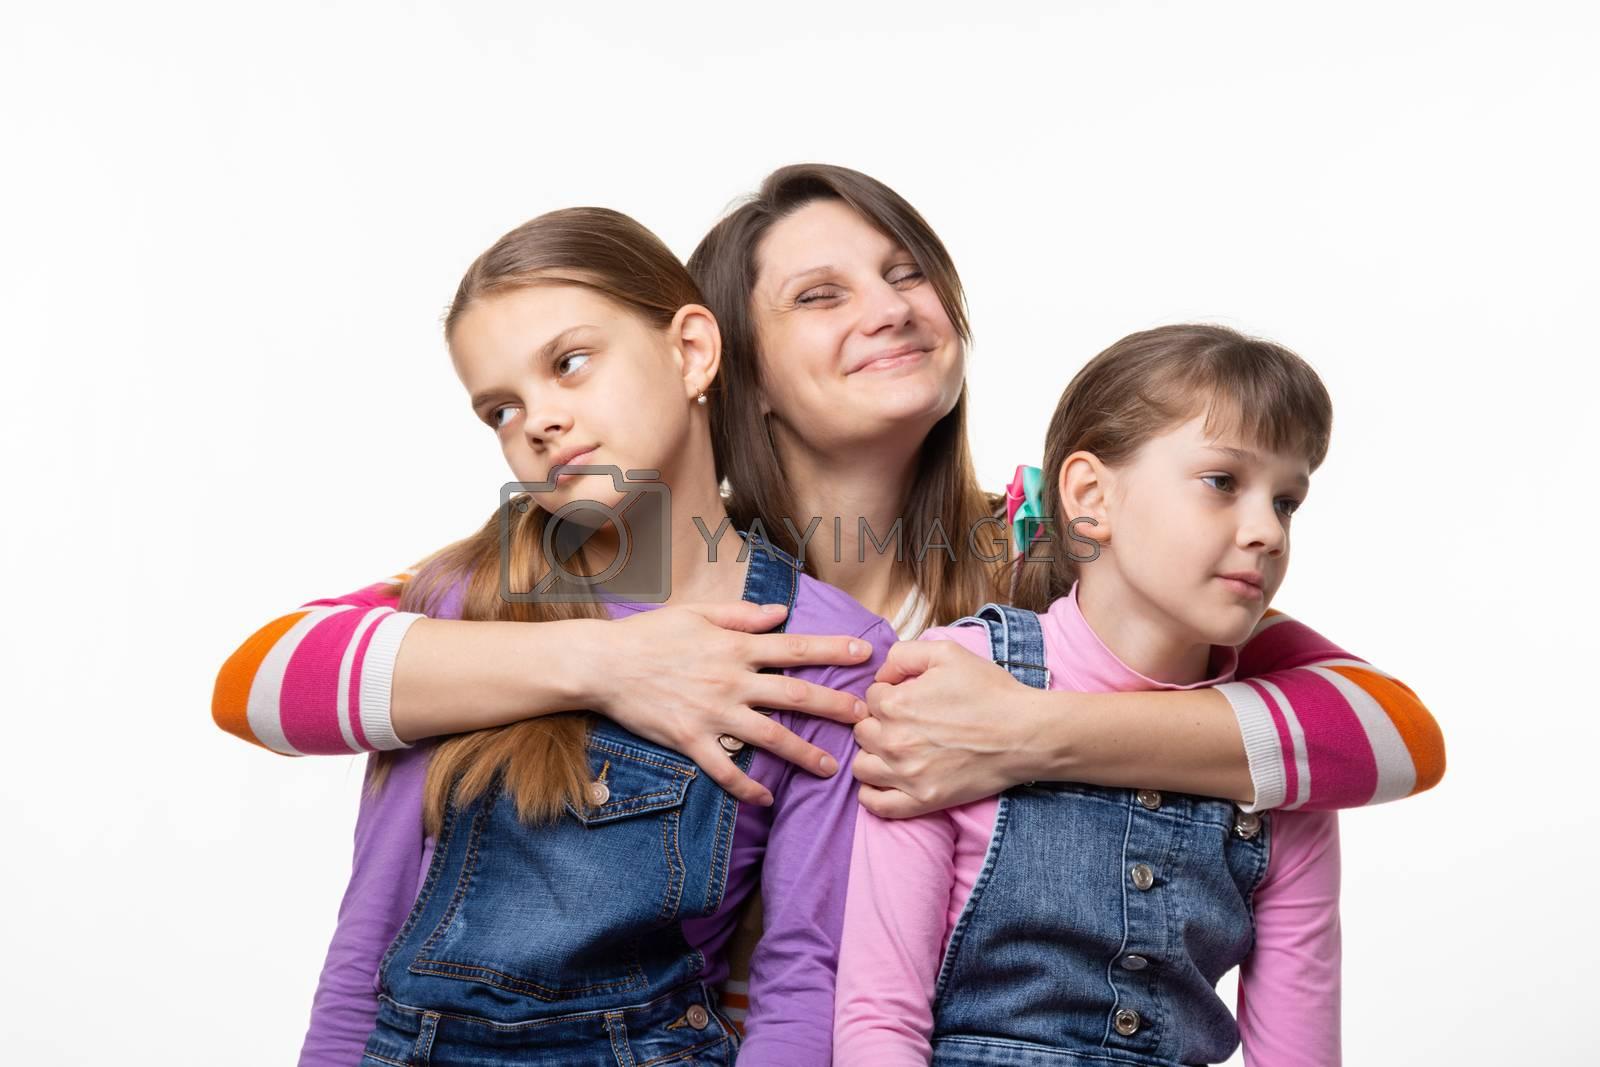 Mom happily hugs children, children turned away from mom